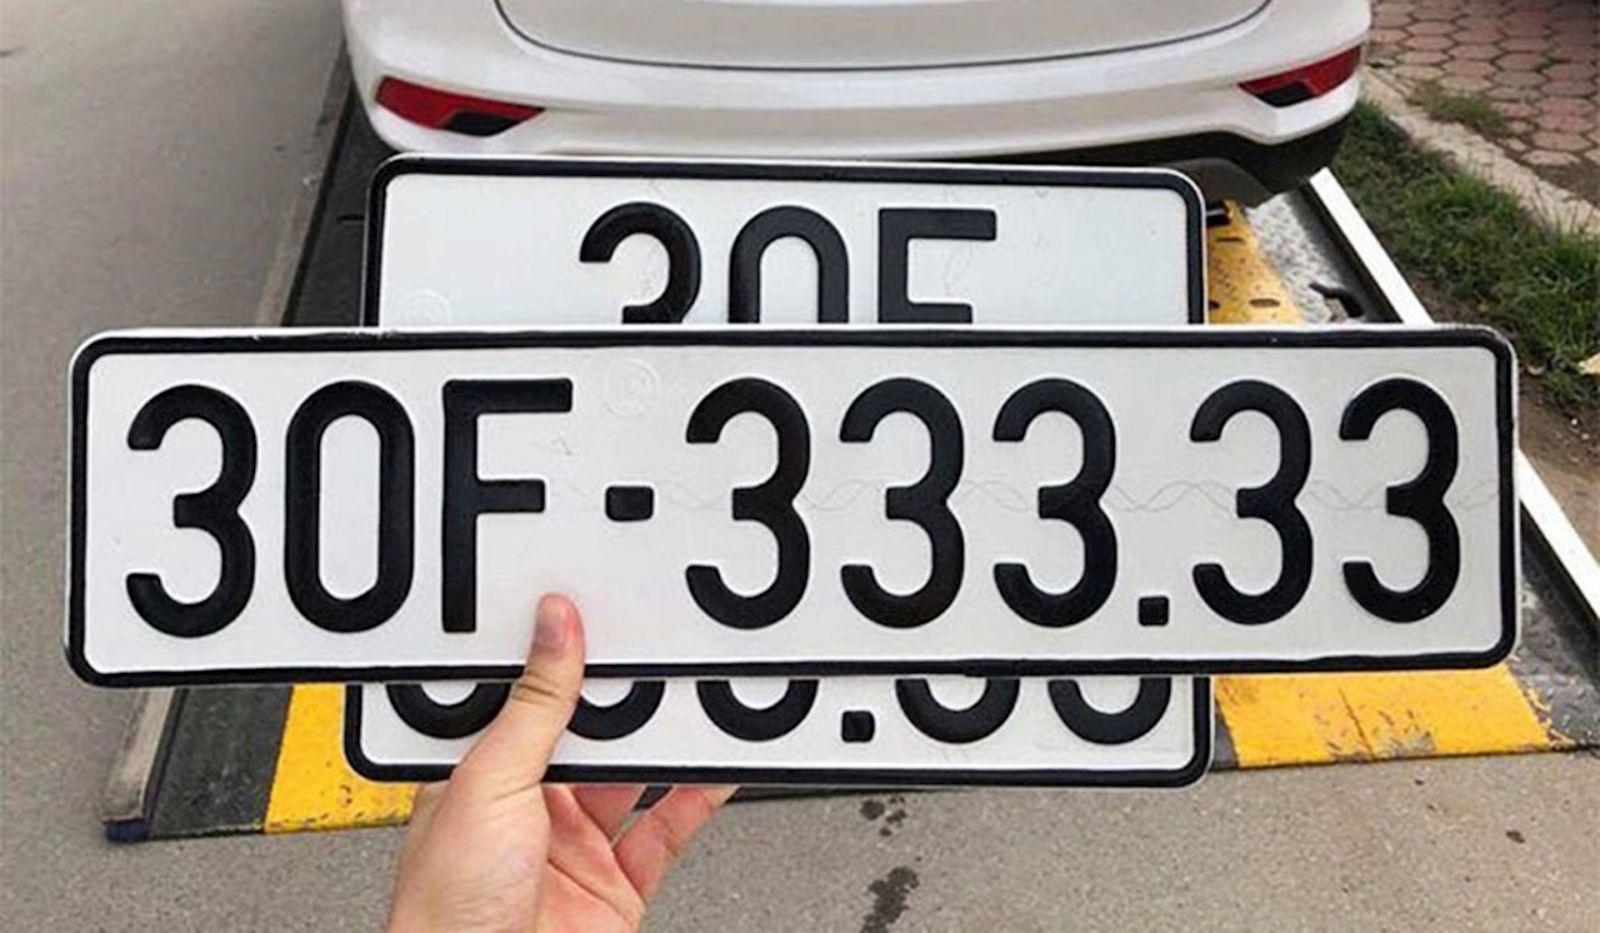 ý nghĩa biển số xe ô tô theo cách tính tổng